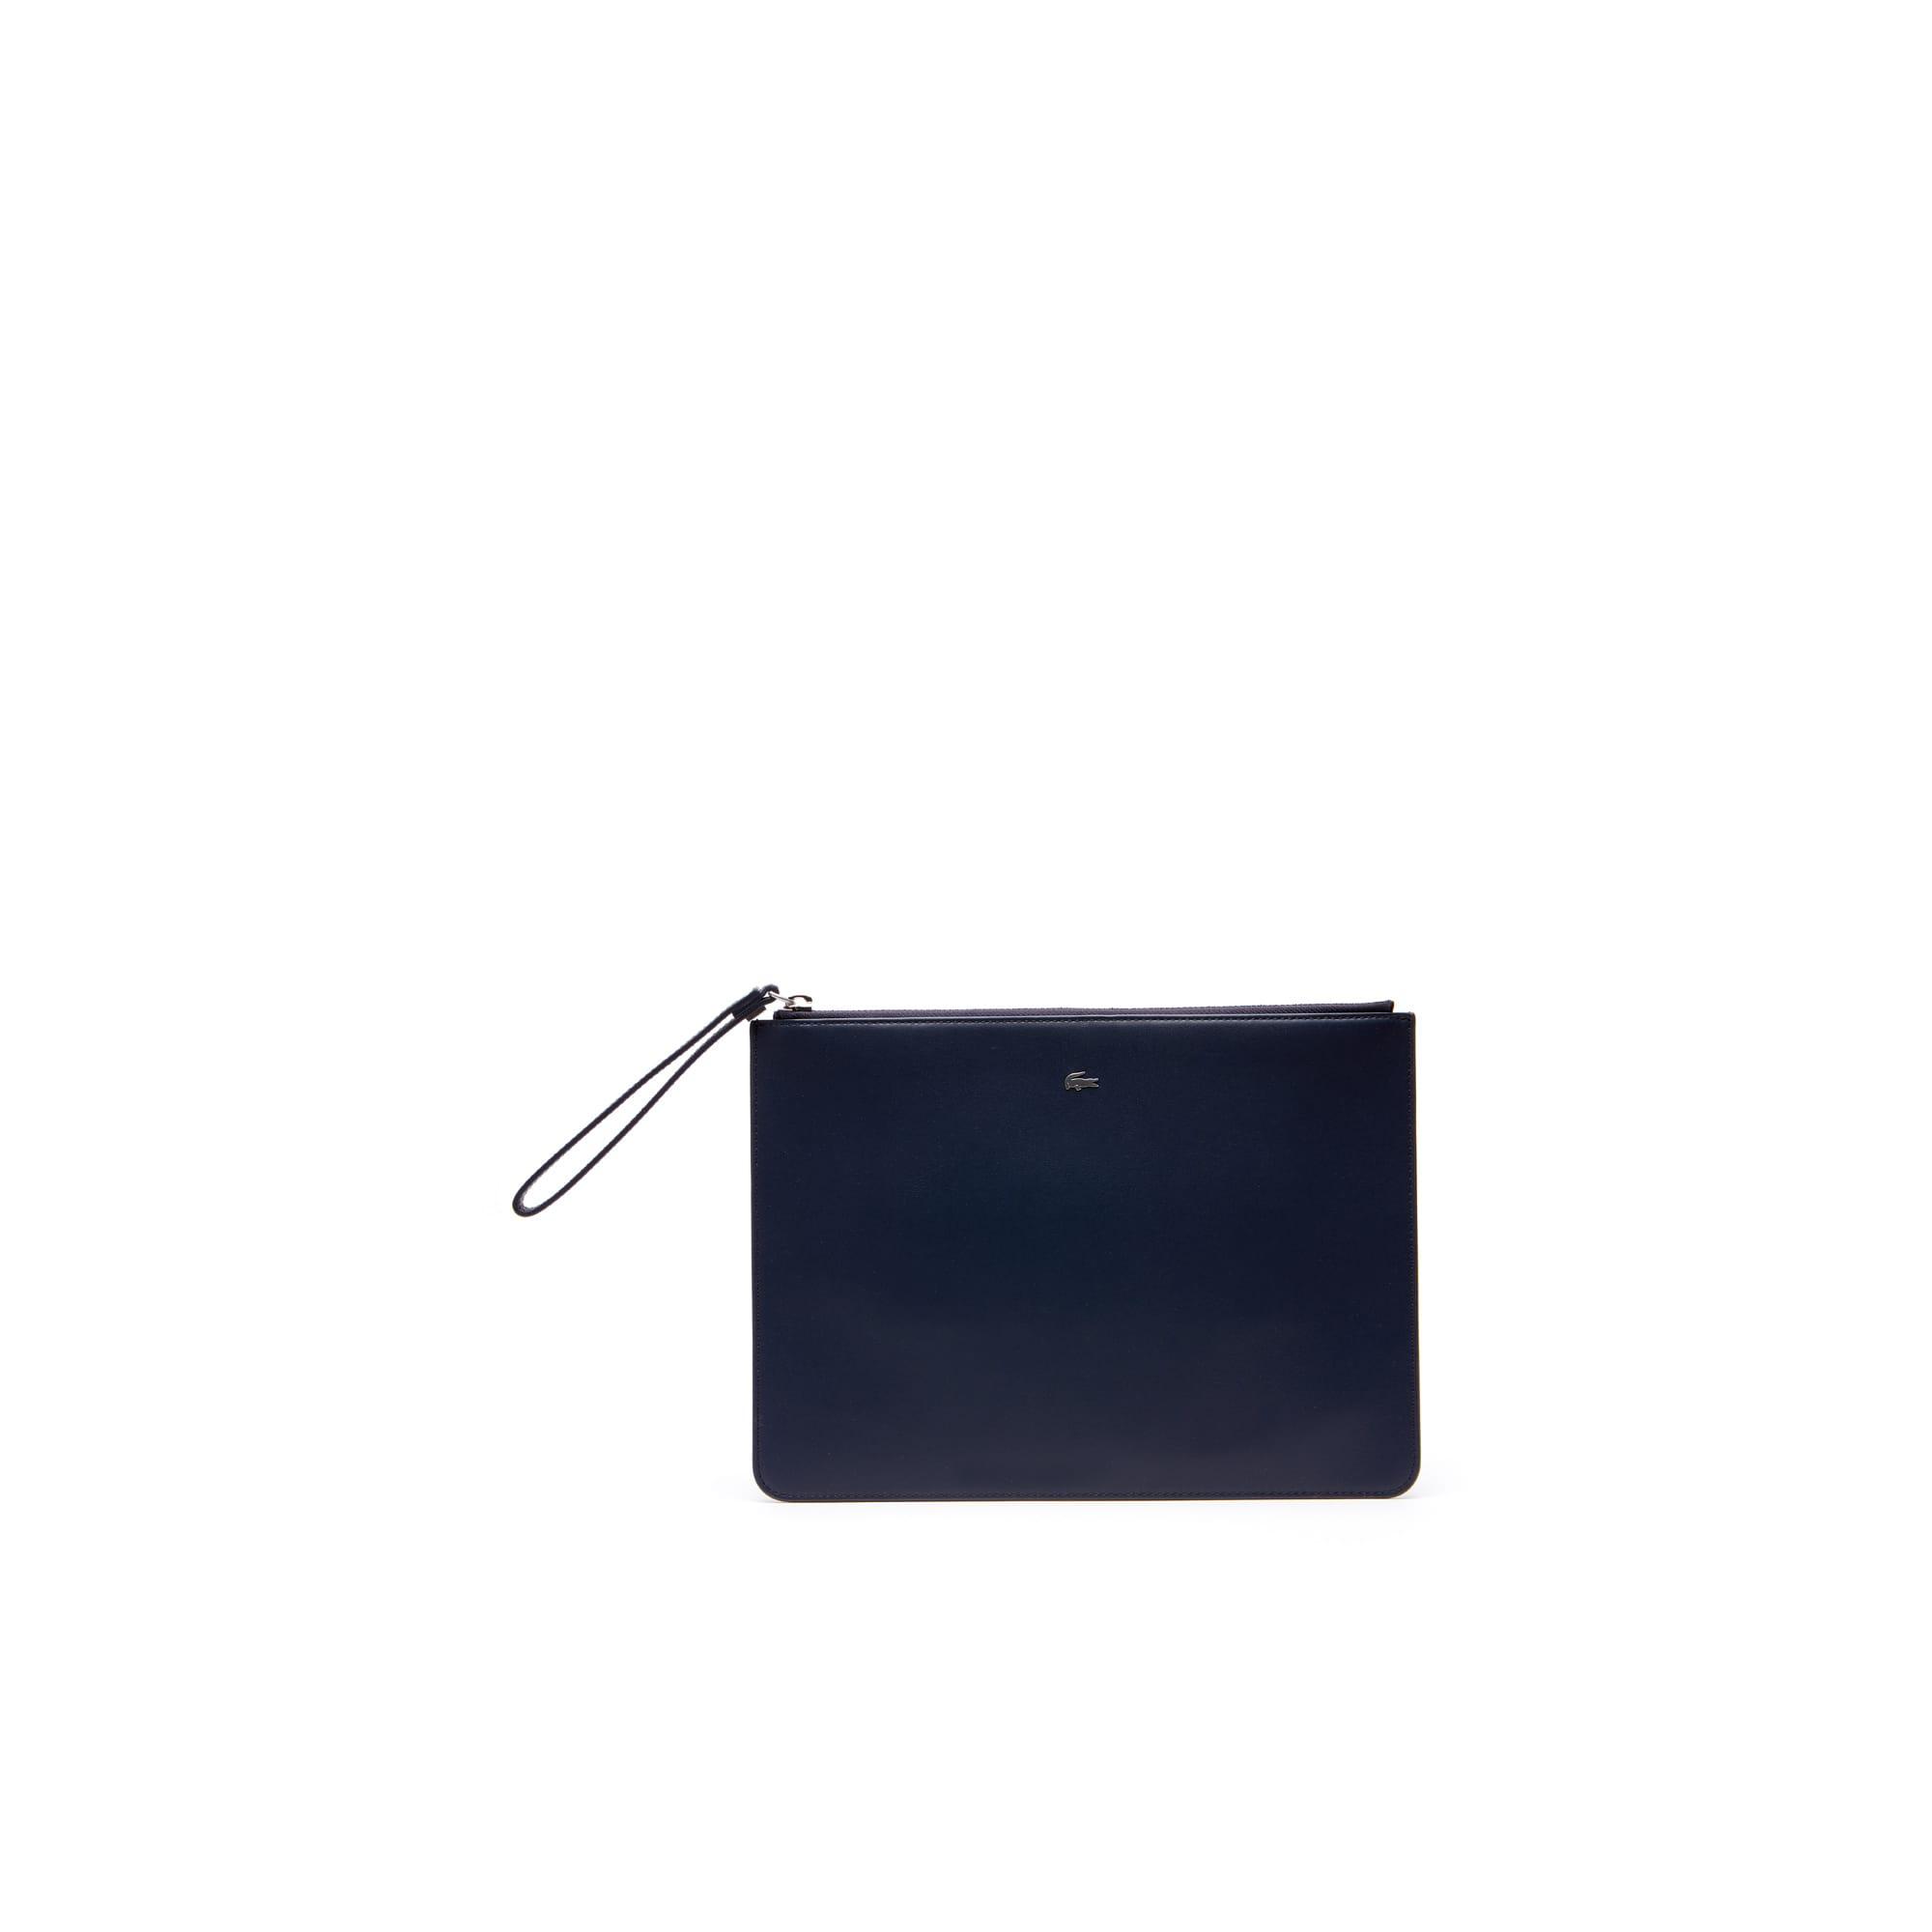 Herren FITZGERALD Geldbörse aus Leder mit Colorblocks